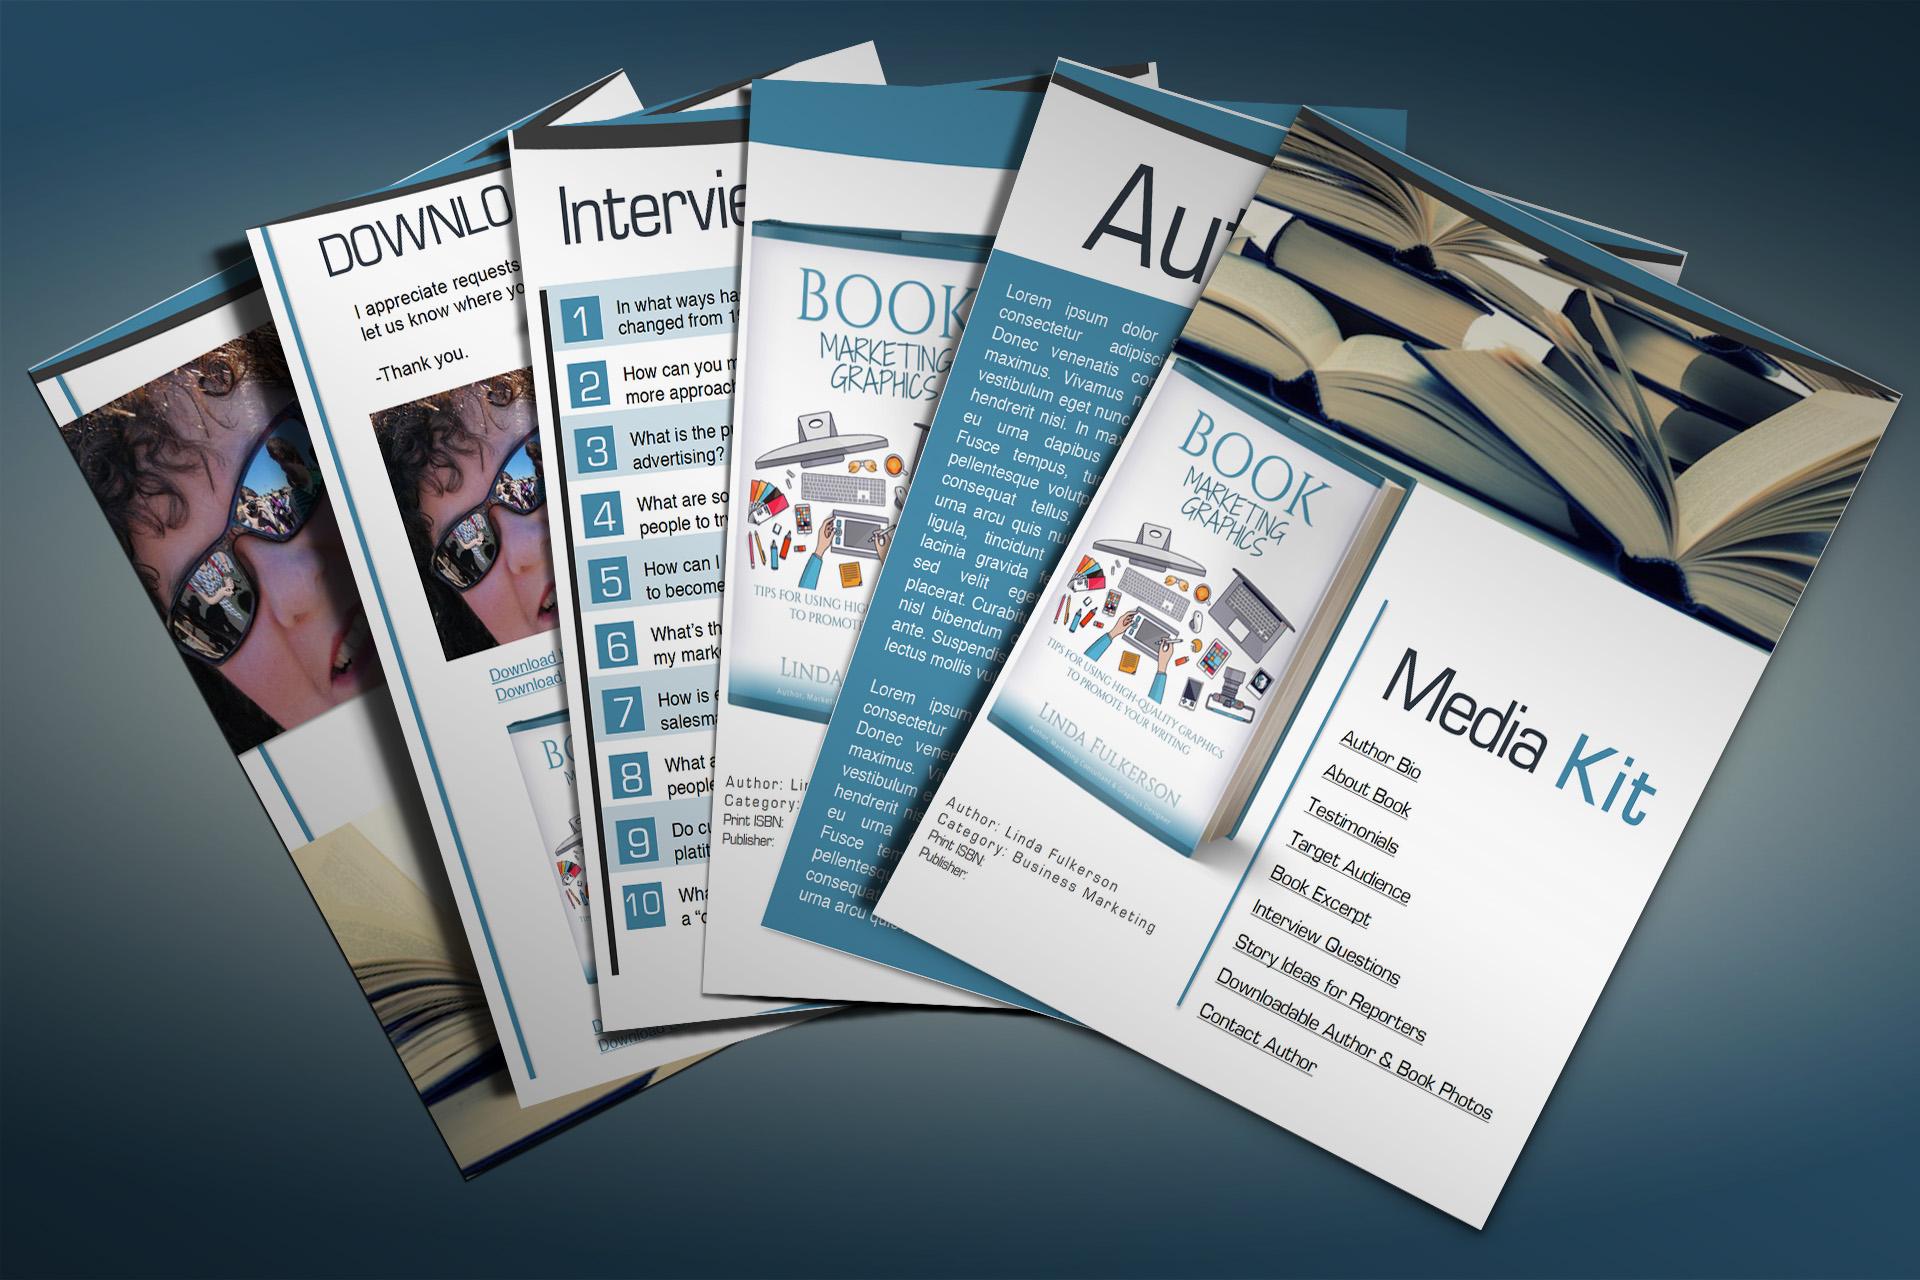 Media Kit Mockup